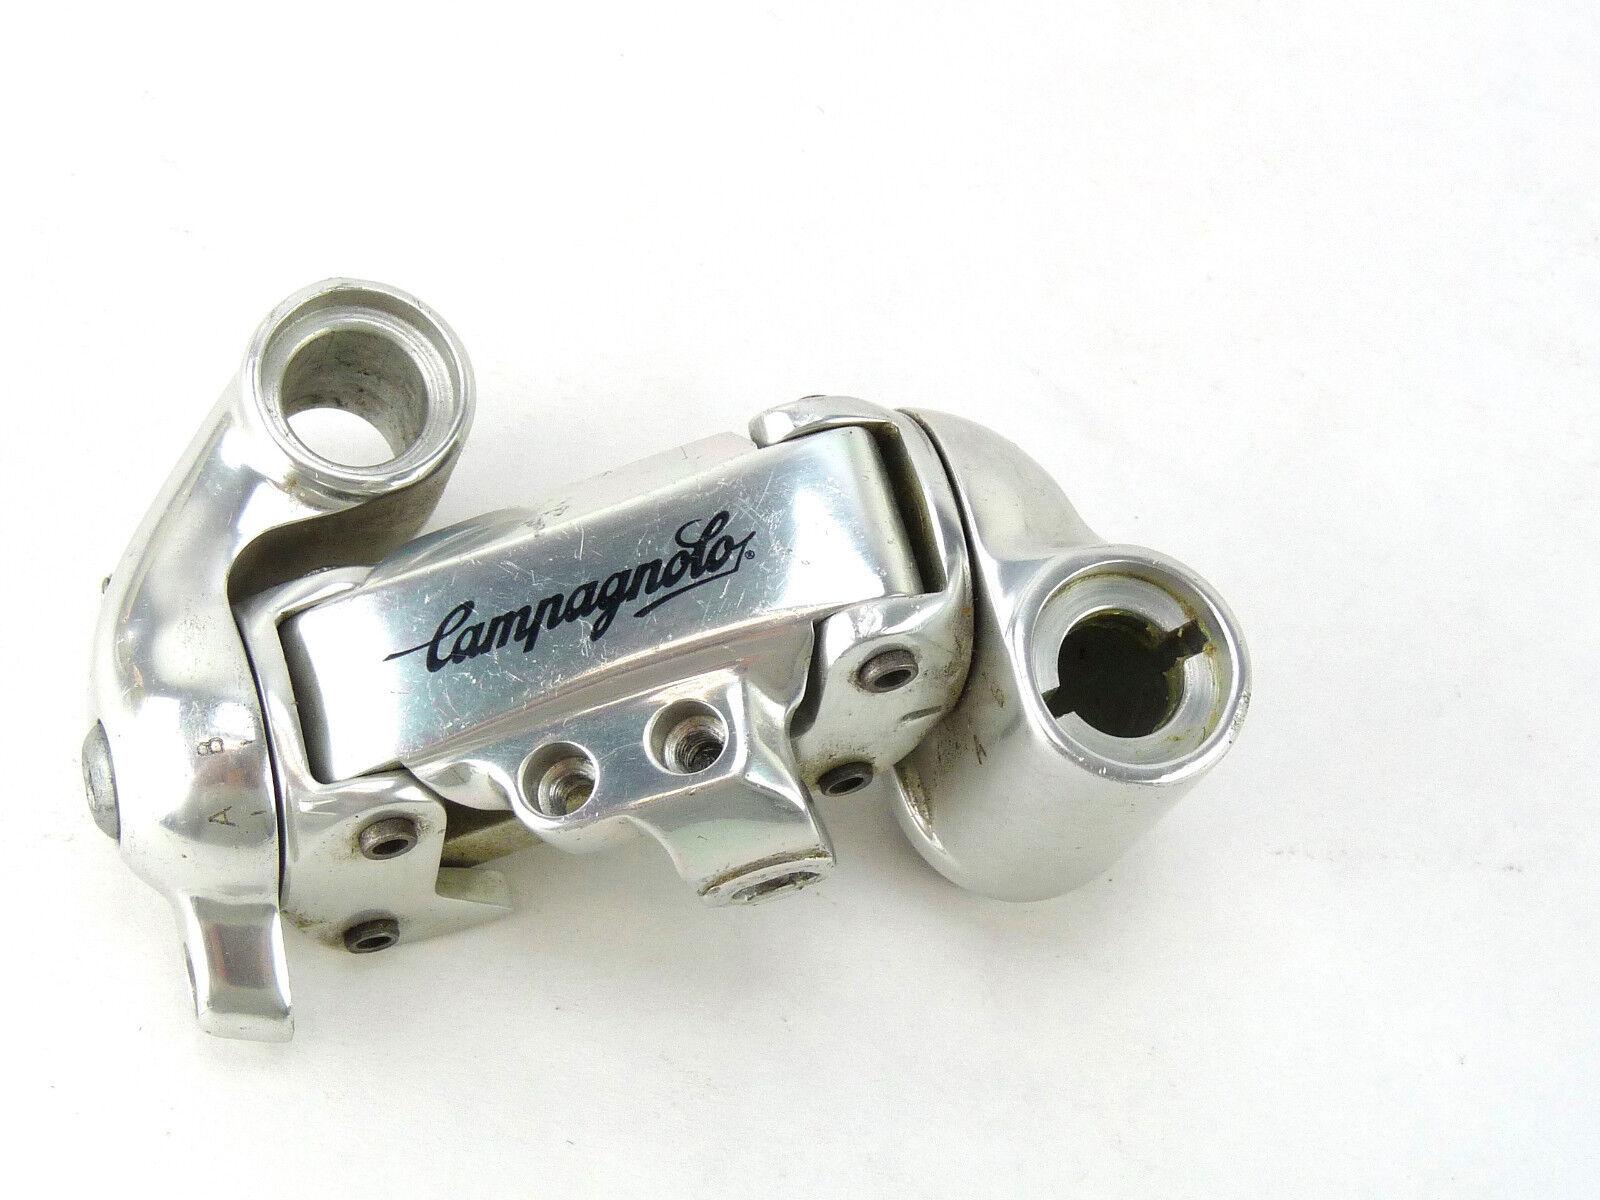 Campagnolo Chorus Desviador cuerpo paralelogramo Vintage Bicicleta de primera generación era nuevo viejo Stock